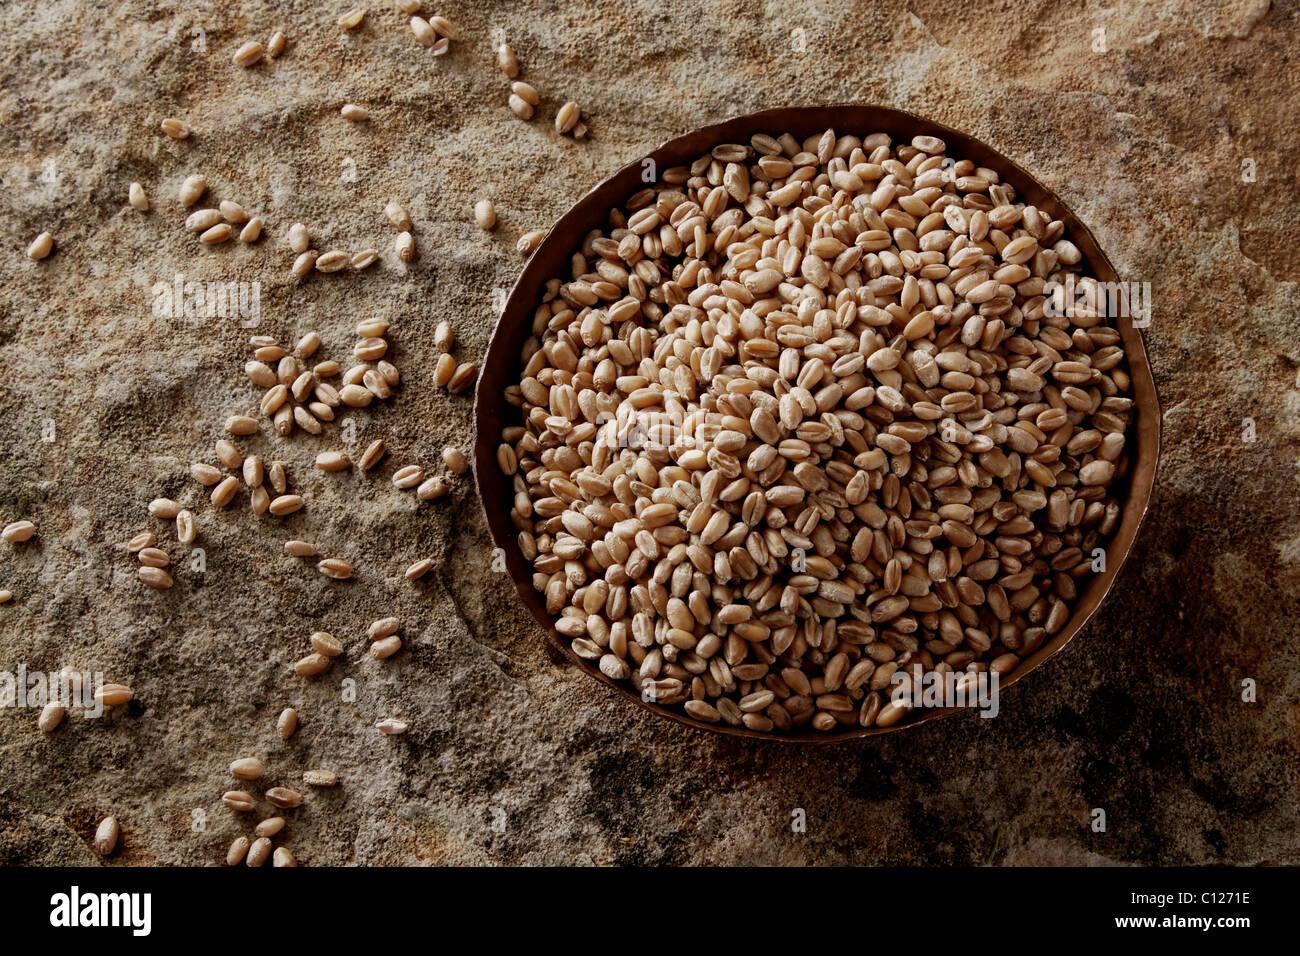 Les grains de blé (Triticum) dans un bol de cuivre sur une surface en pierre Photo Stock